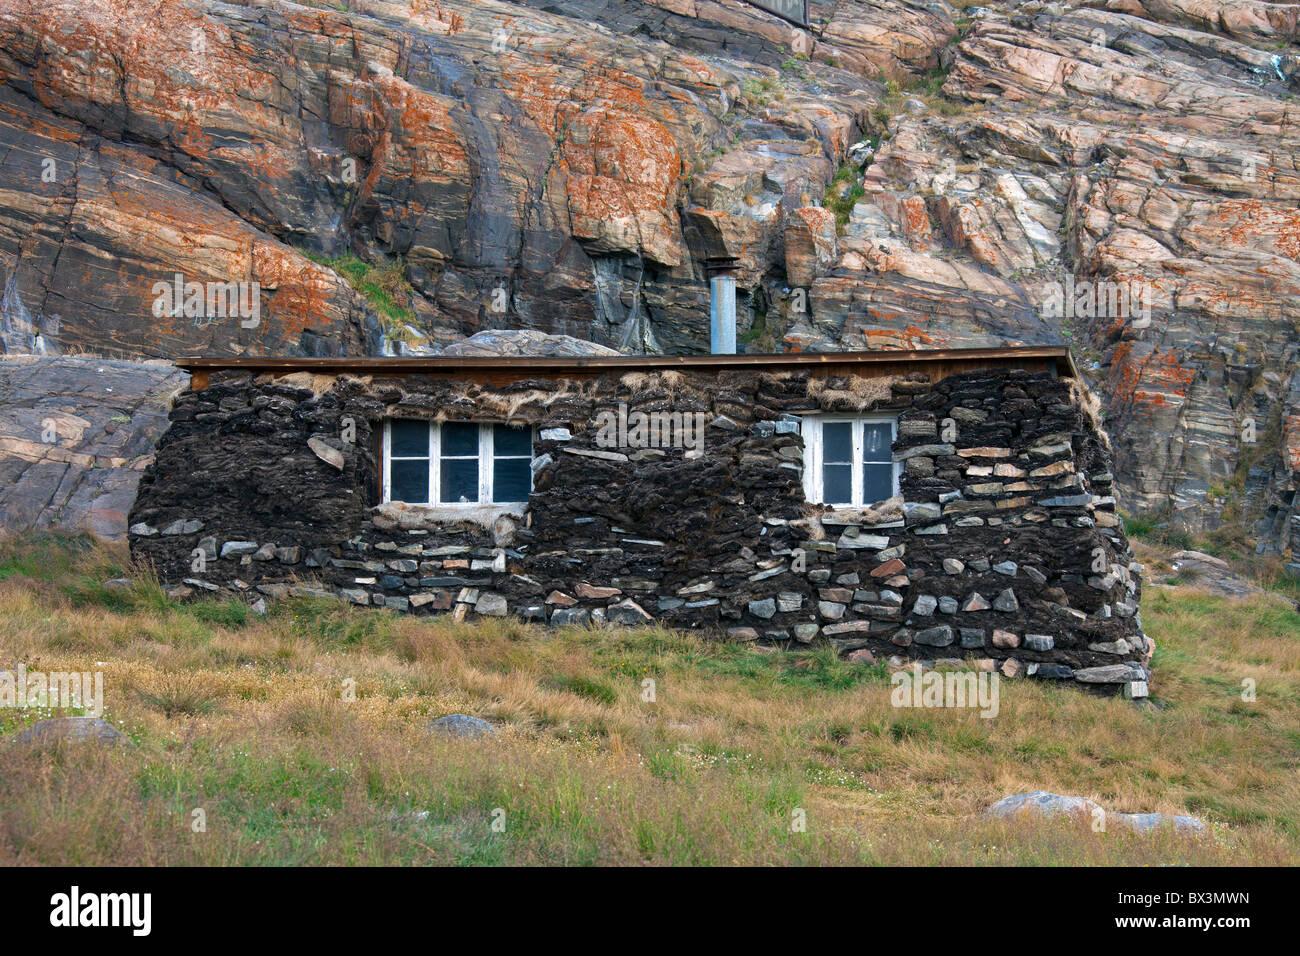 Qarmaq / qammaq, a traditional sod house at the Uummannaq Museum, North-Greenland, Greenland - Stock Image